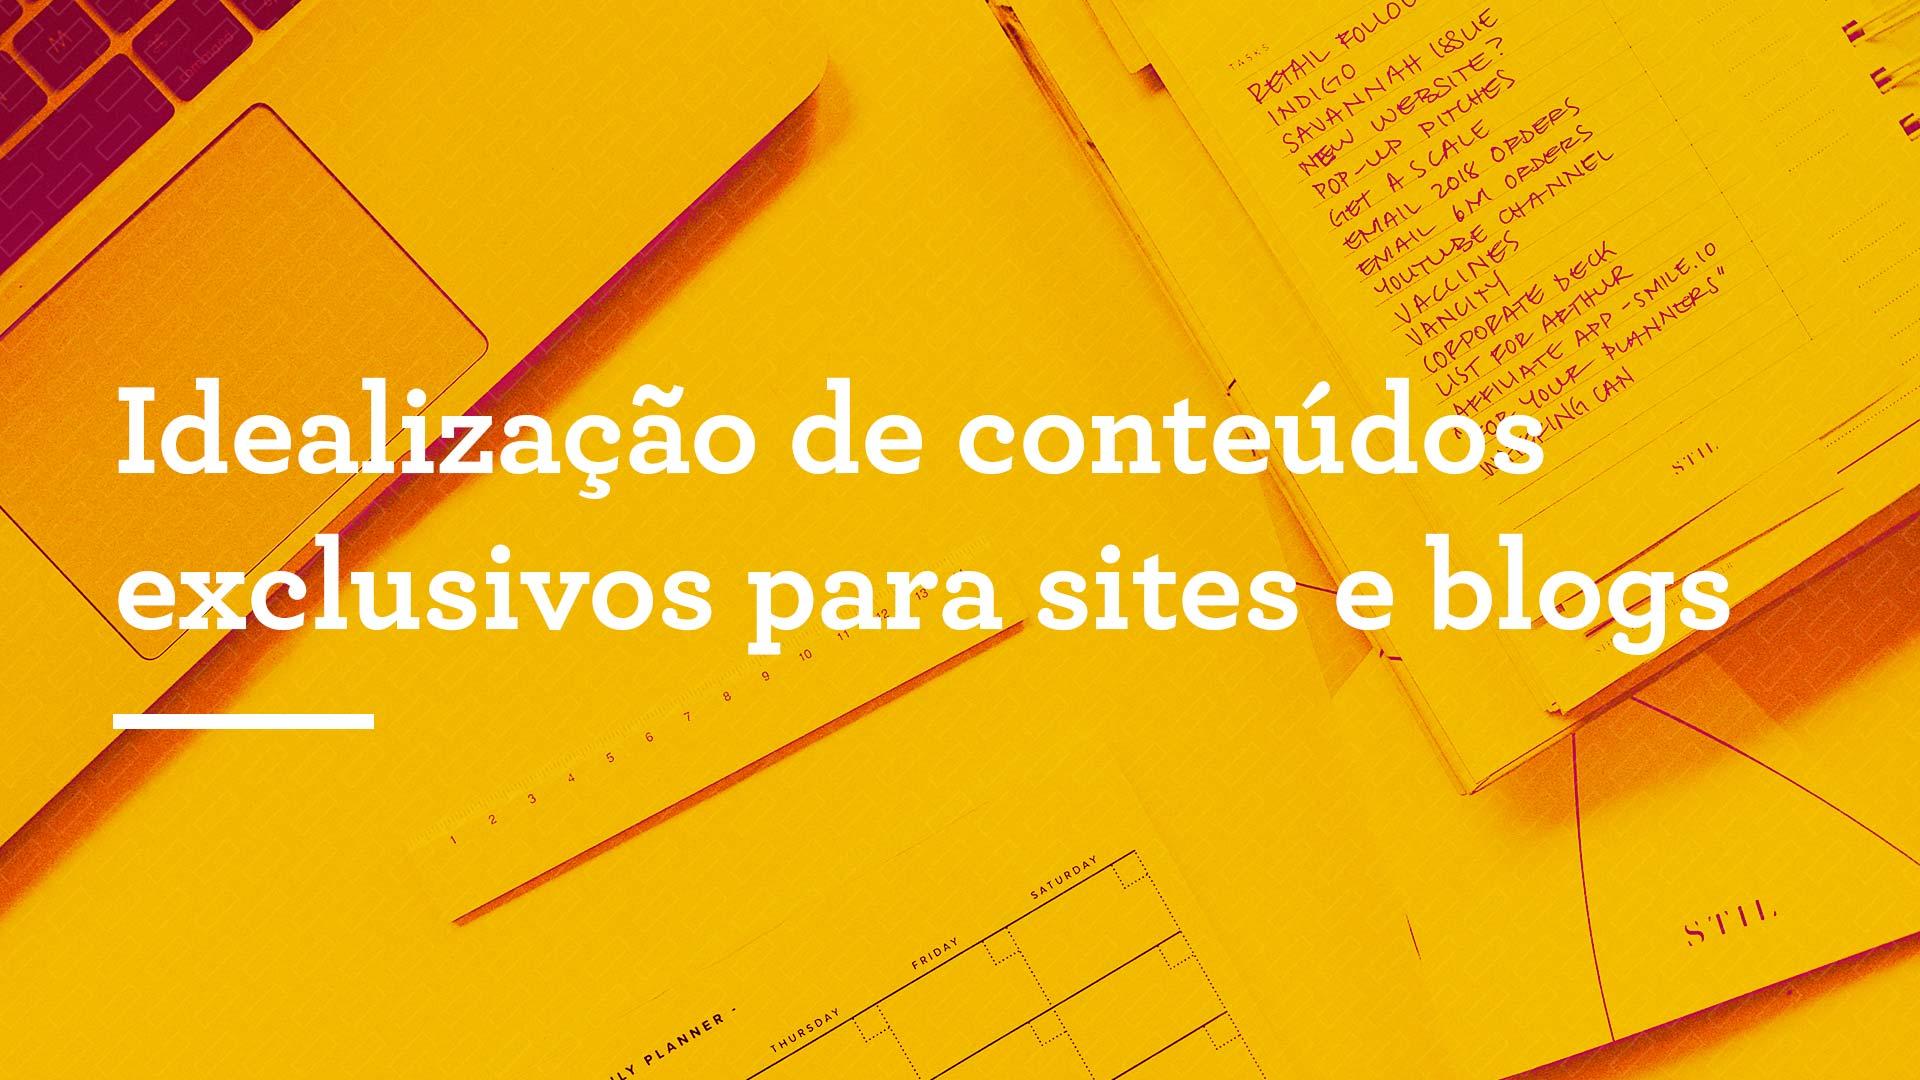 Idealização de conteúdos exclusivos para sites e blogs